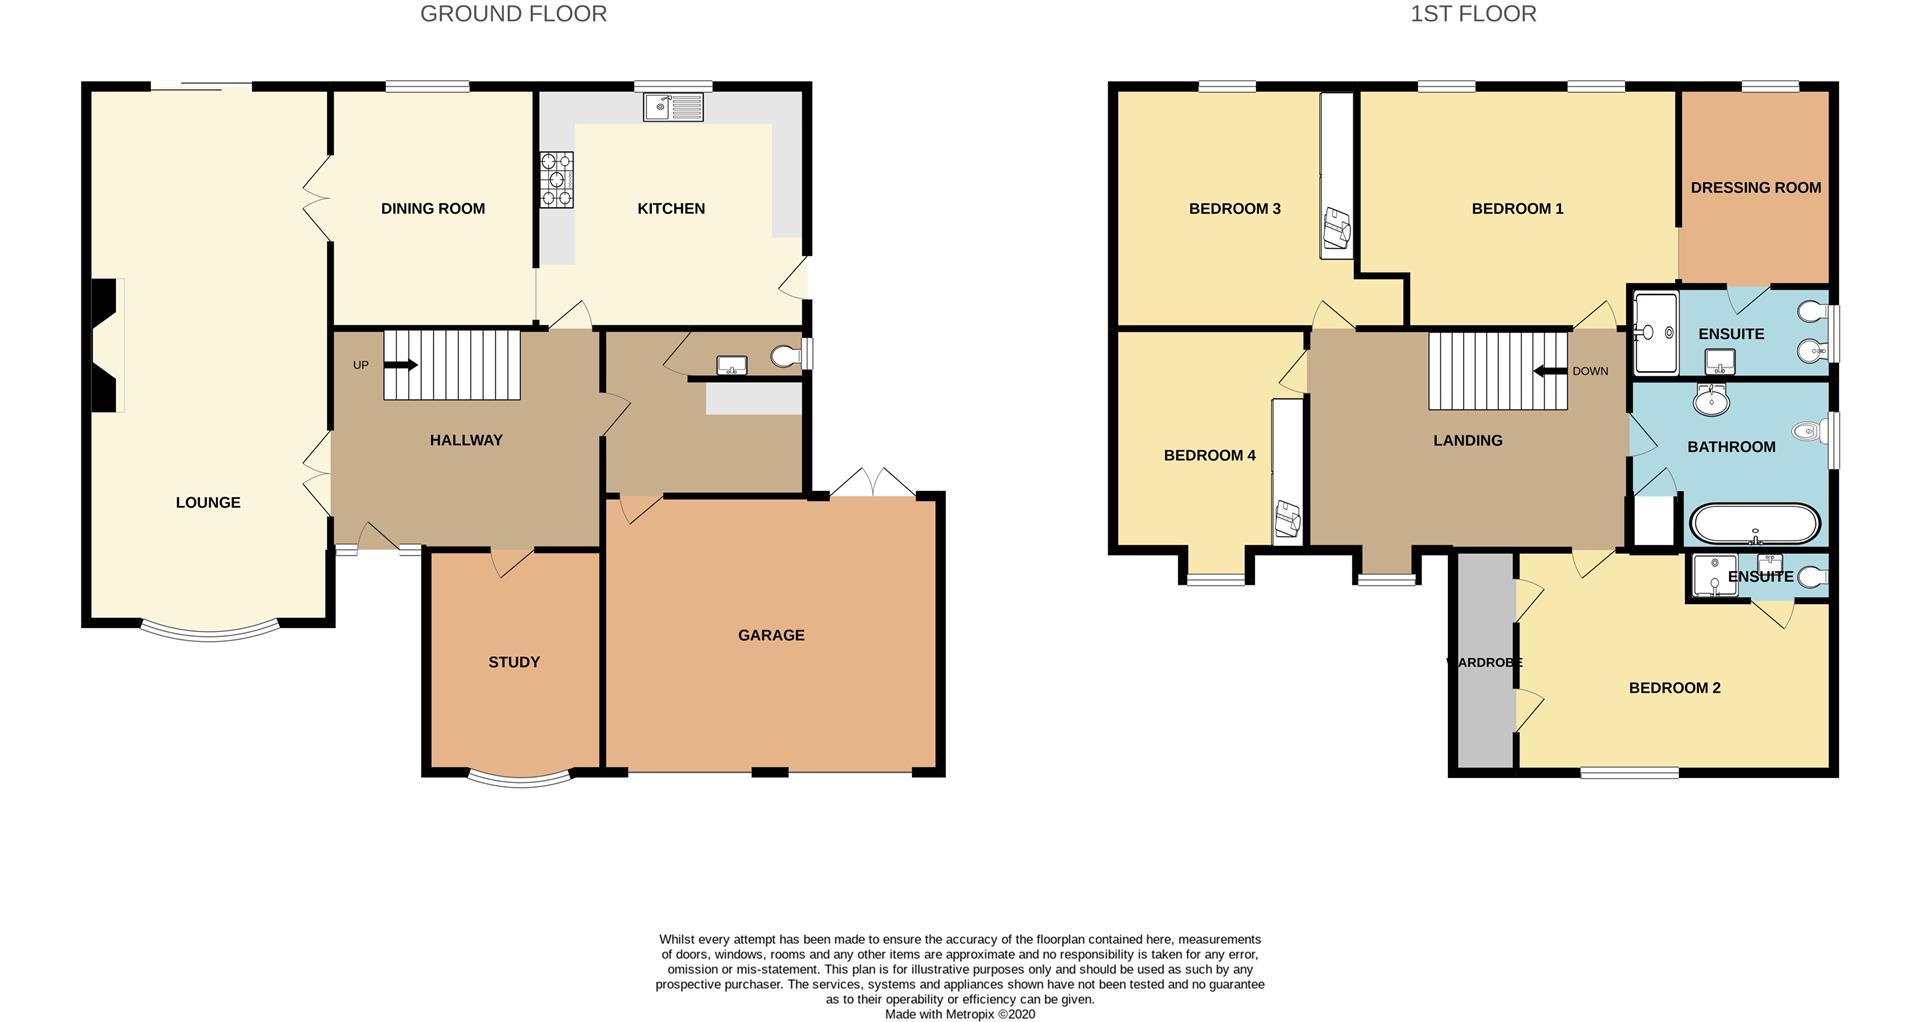 6 Noak Hill Close Floor Plan.png